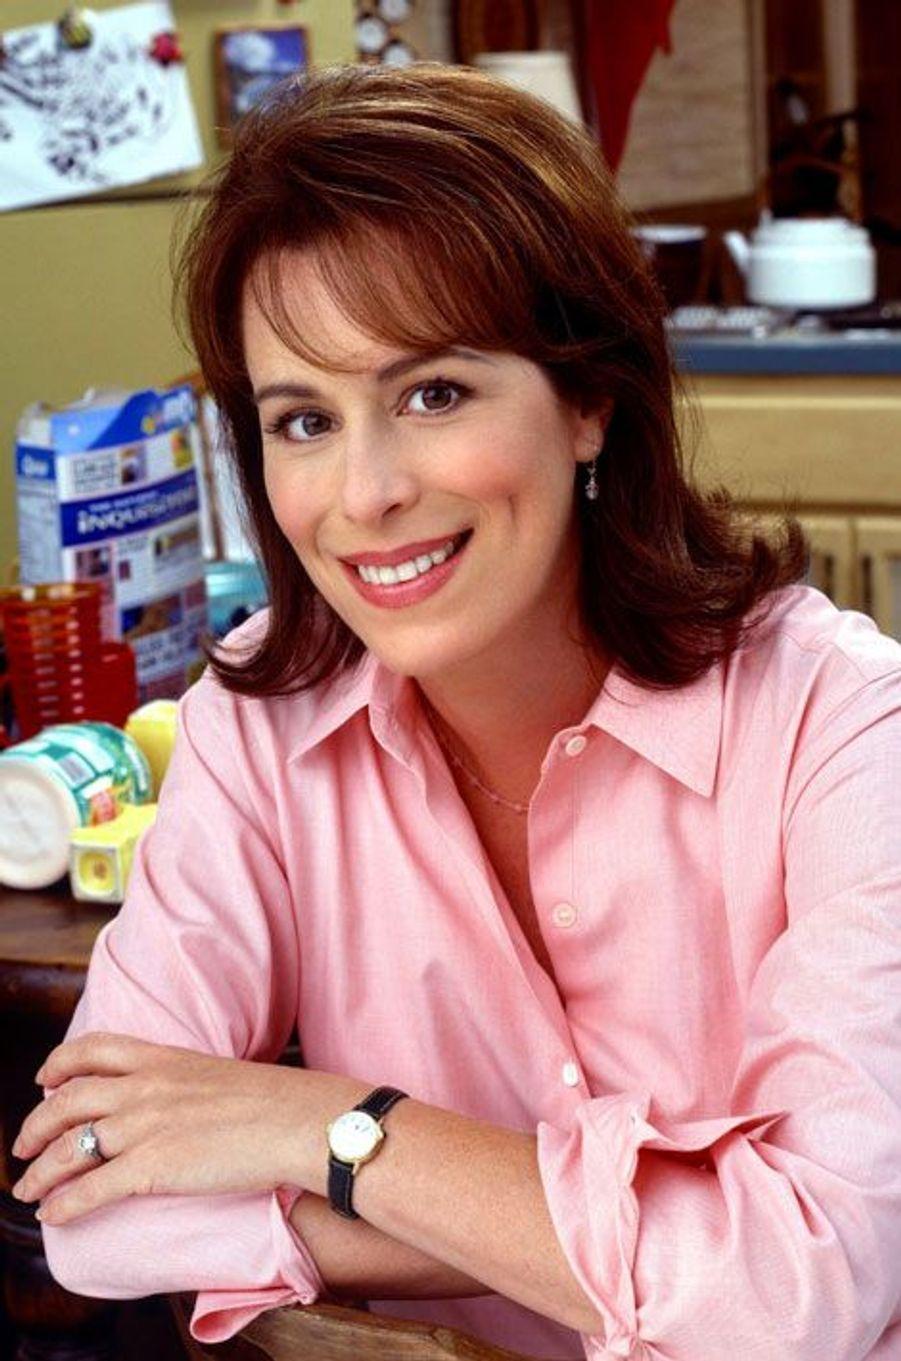 Mère de famille dépassée pour les uns, tyrannique pour les autres, Lois a marqué tous les esprits. Pour ce rôle, Jane Kaczmarek a été nommée à trois reprises aux Golden Globes. Après l'arrêt de la série, elle a rapidement trouvé de nouveaux rôles, apparaissant notamment dans «Wilfred» sur FX, «The McCarthys» sur CBS ou encore«Us & Them» sur la FOX. Elle a également repris son rôle de Lois le temps d'une petite scène «alternative» dans les bonus DVD de «Breaking Bad».